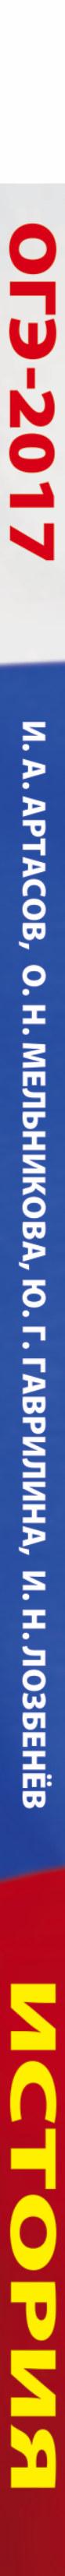 ОГЭ-2017. История (60х84/8) 10 тренировочных вариантов экзаменационных работ для подготовки к основному государственному экзамену